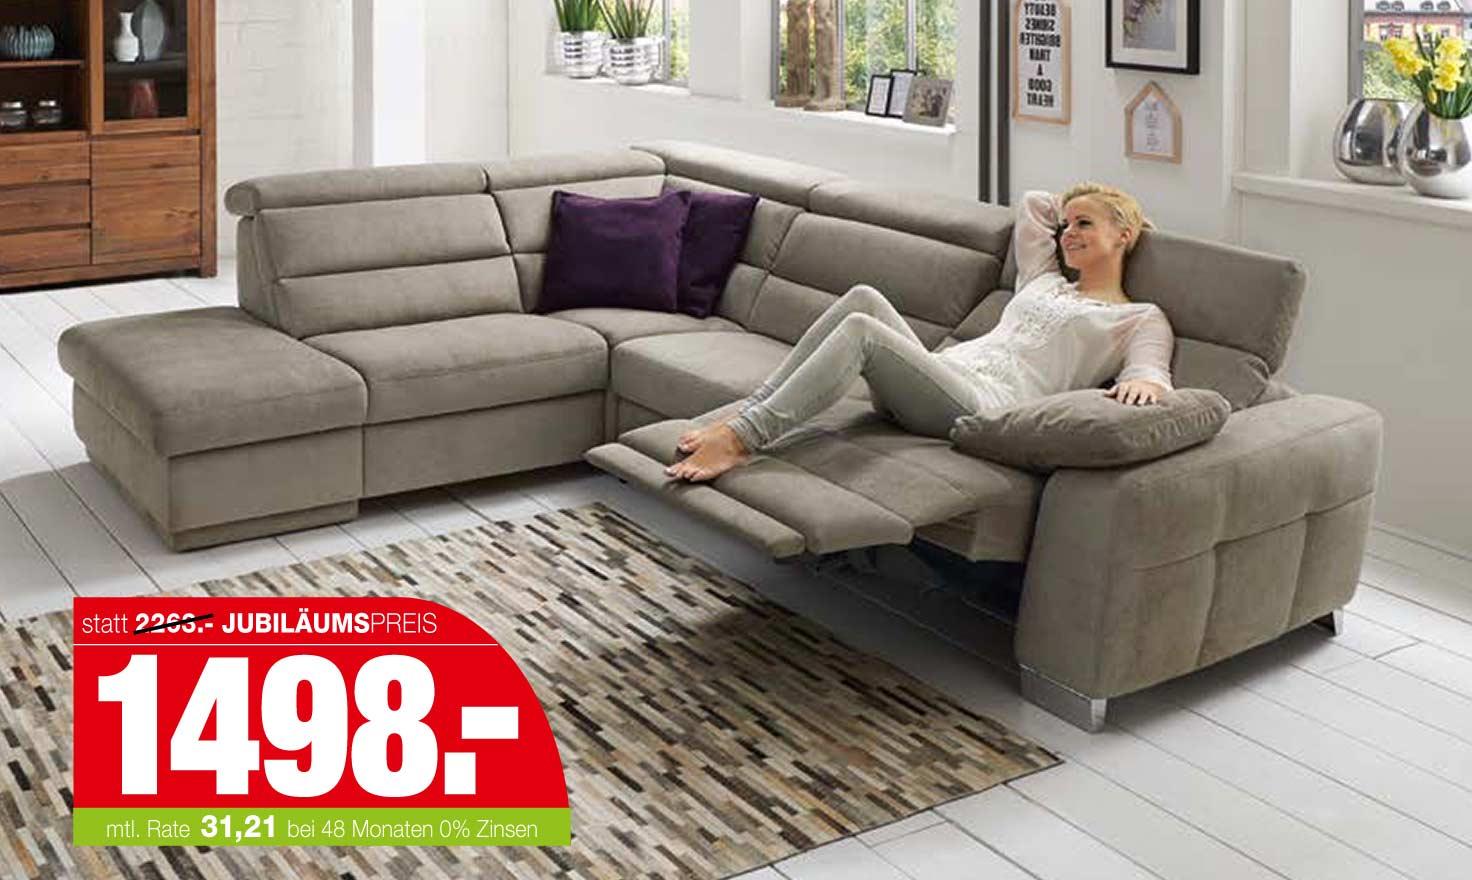 Sofa und Couch zum besten Preis kaufen | Sofa Company in Paderborn